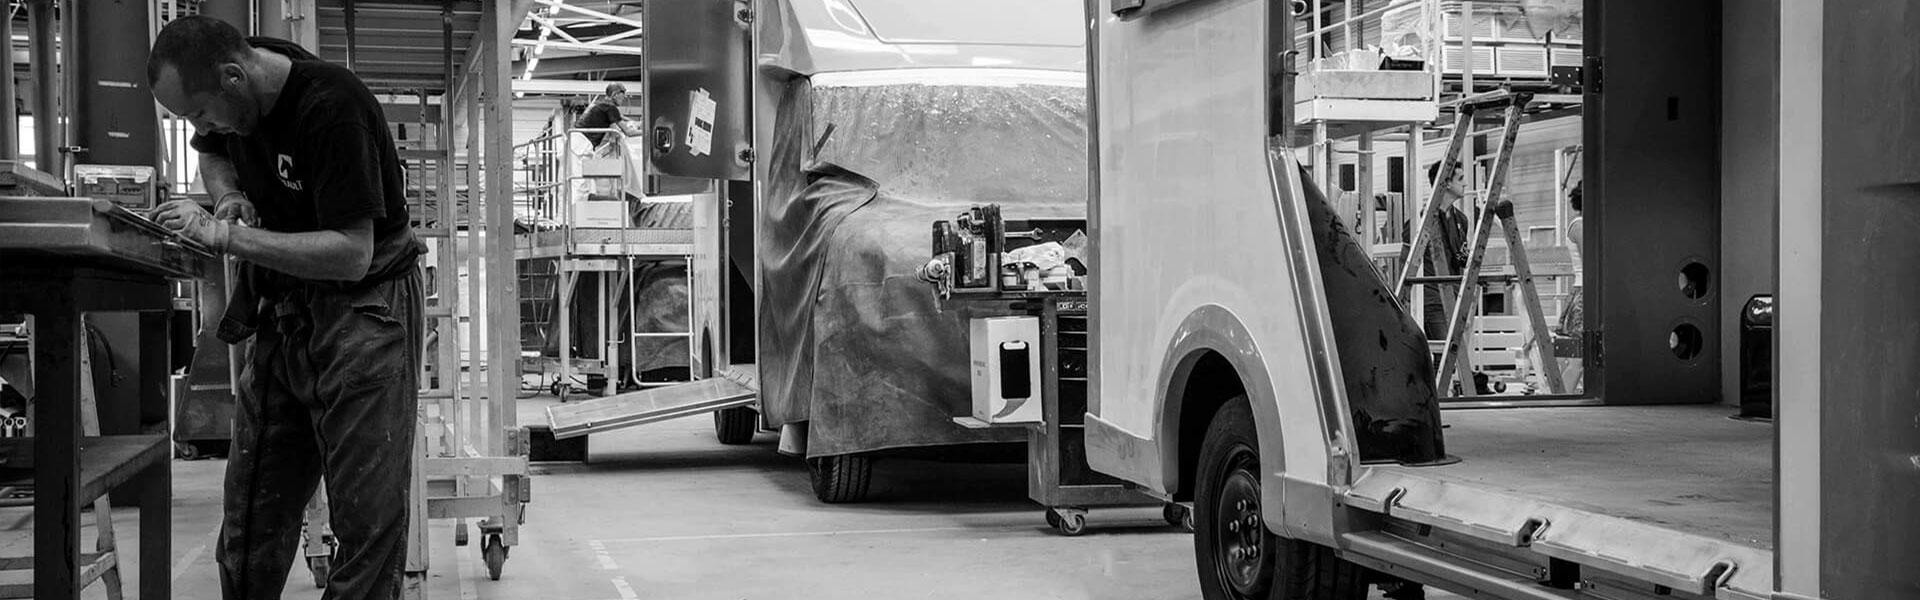 Theault Hestebil Opbygning På Fabrikken I Normandiet